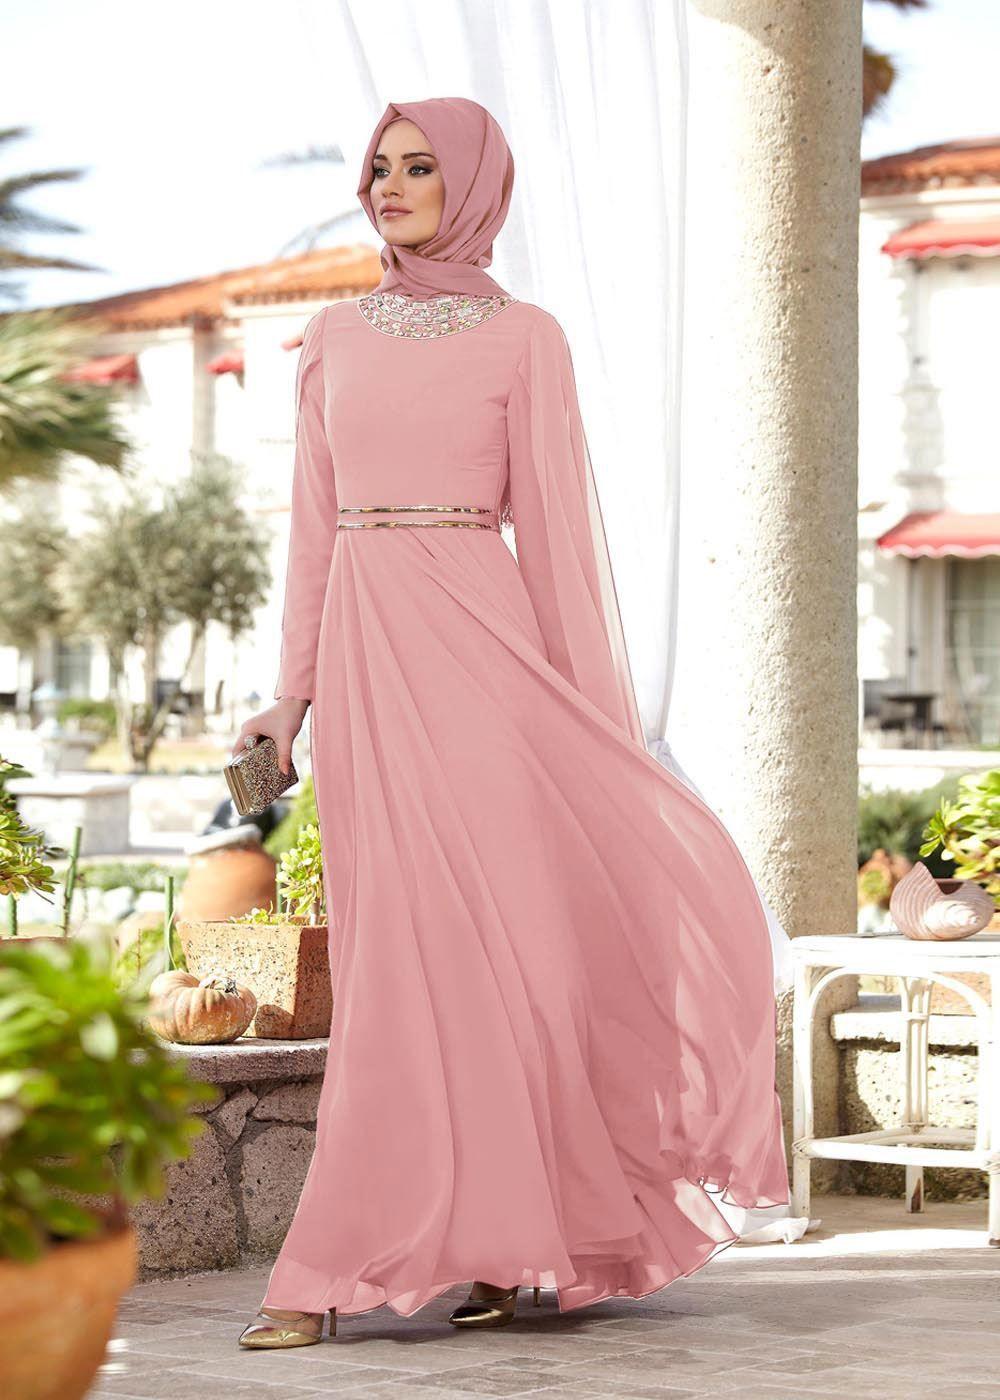 245c008b3166f Tesettür Mezuniyet Elbiseleri Genelde Genç Bayanların Tercihleri Arasında  Yer Alan Çoğunlukla Abiye Modellerinden Oluşan Elbiselerdir.